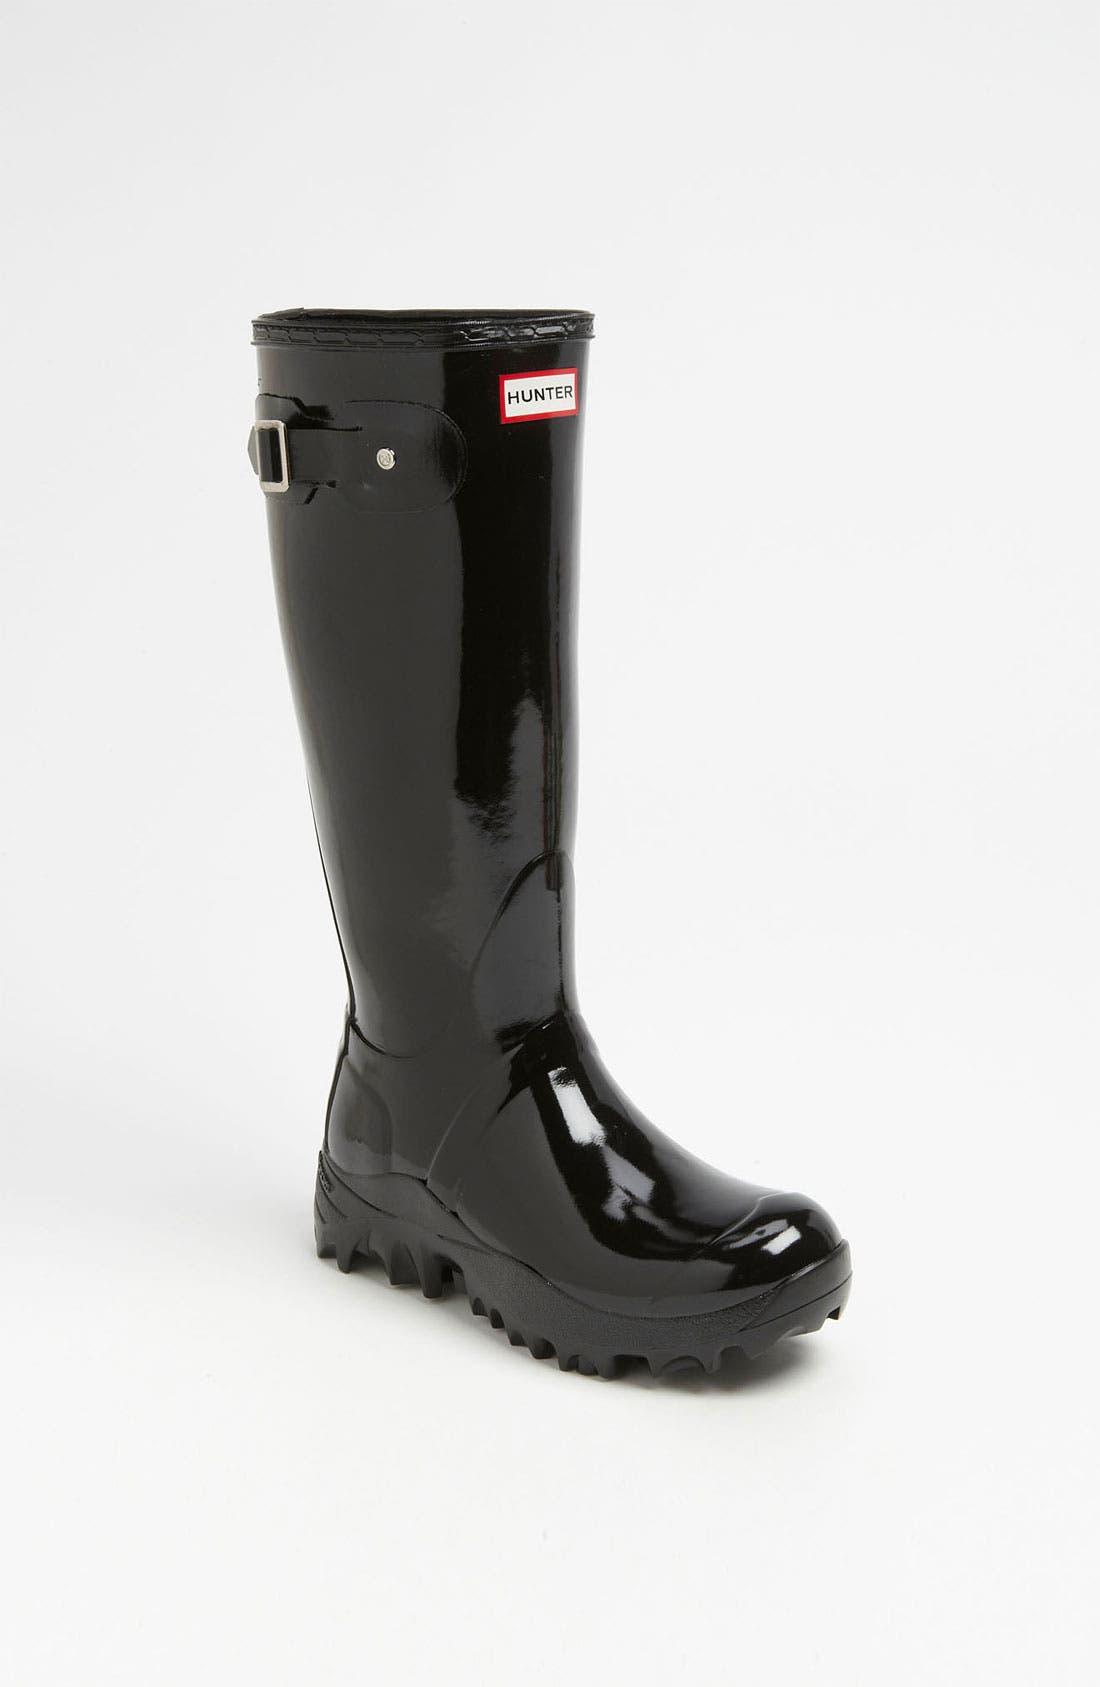 Main Image - Hunter 'Snow' Gloss Rain Boot (Women)